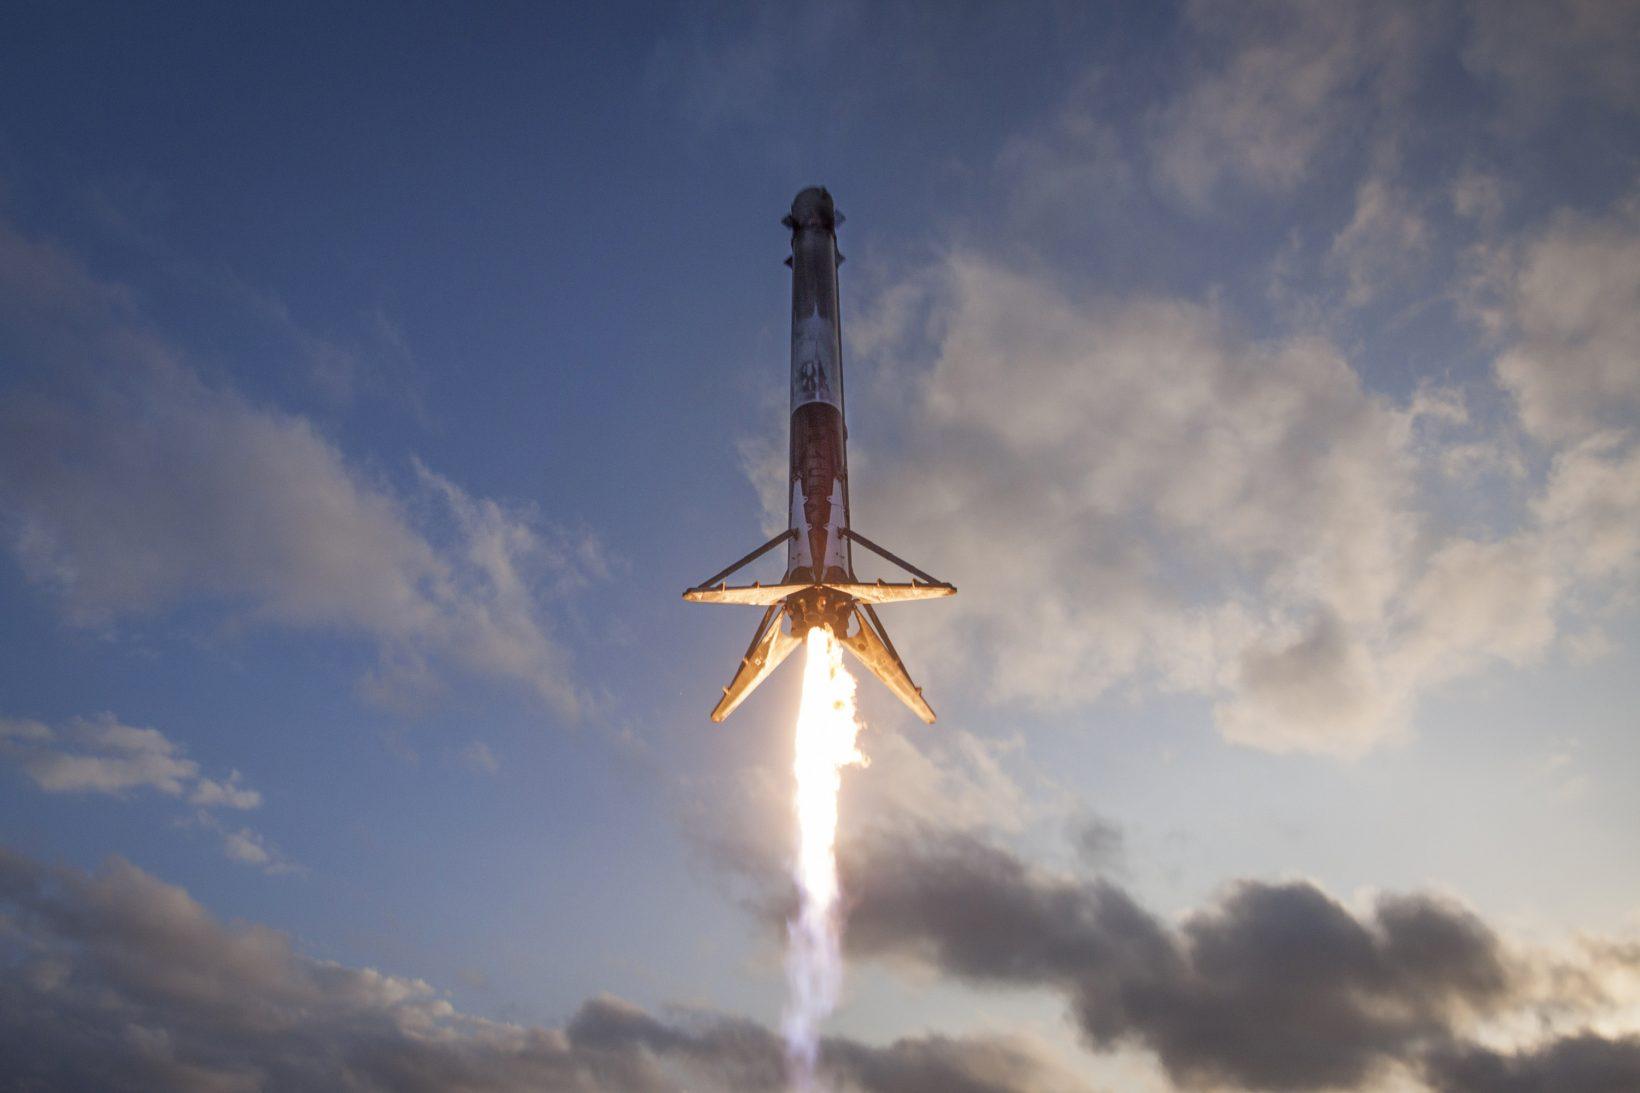 Посадка первой ступени Falcon 9 после успешного завершения миссии SES-10